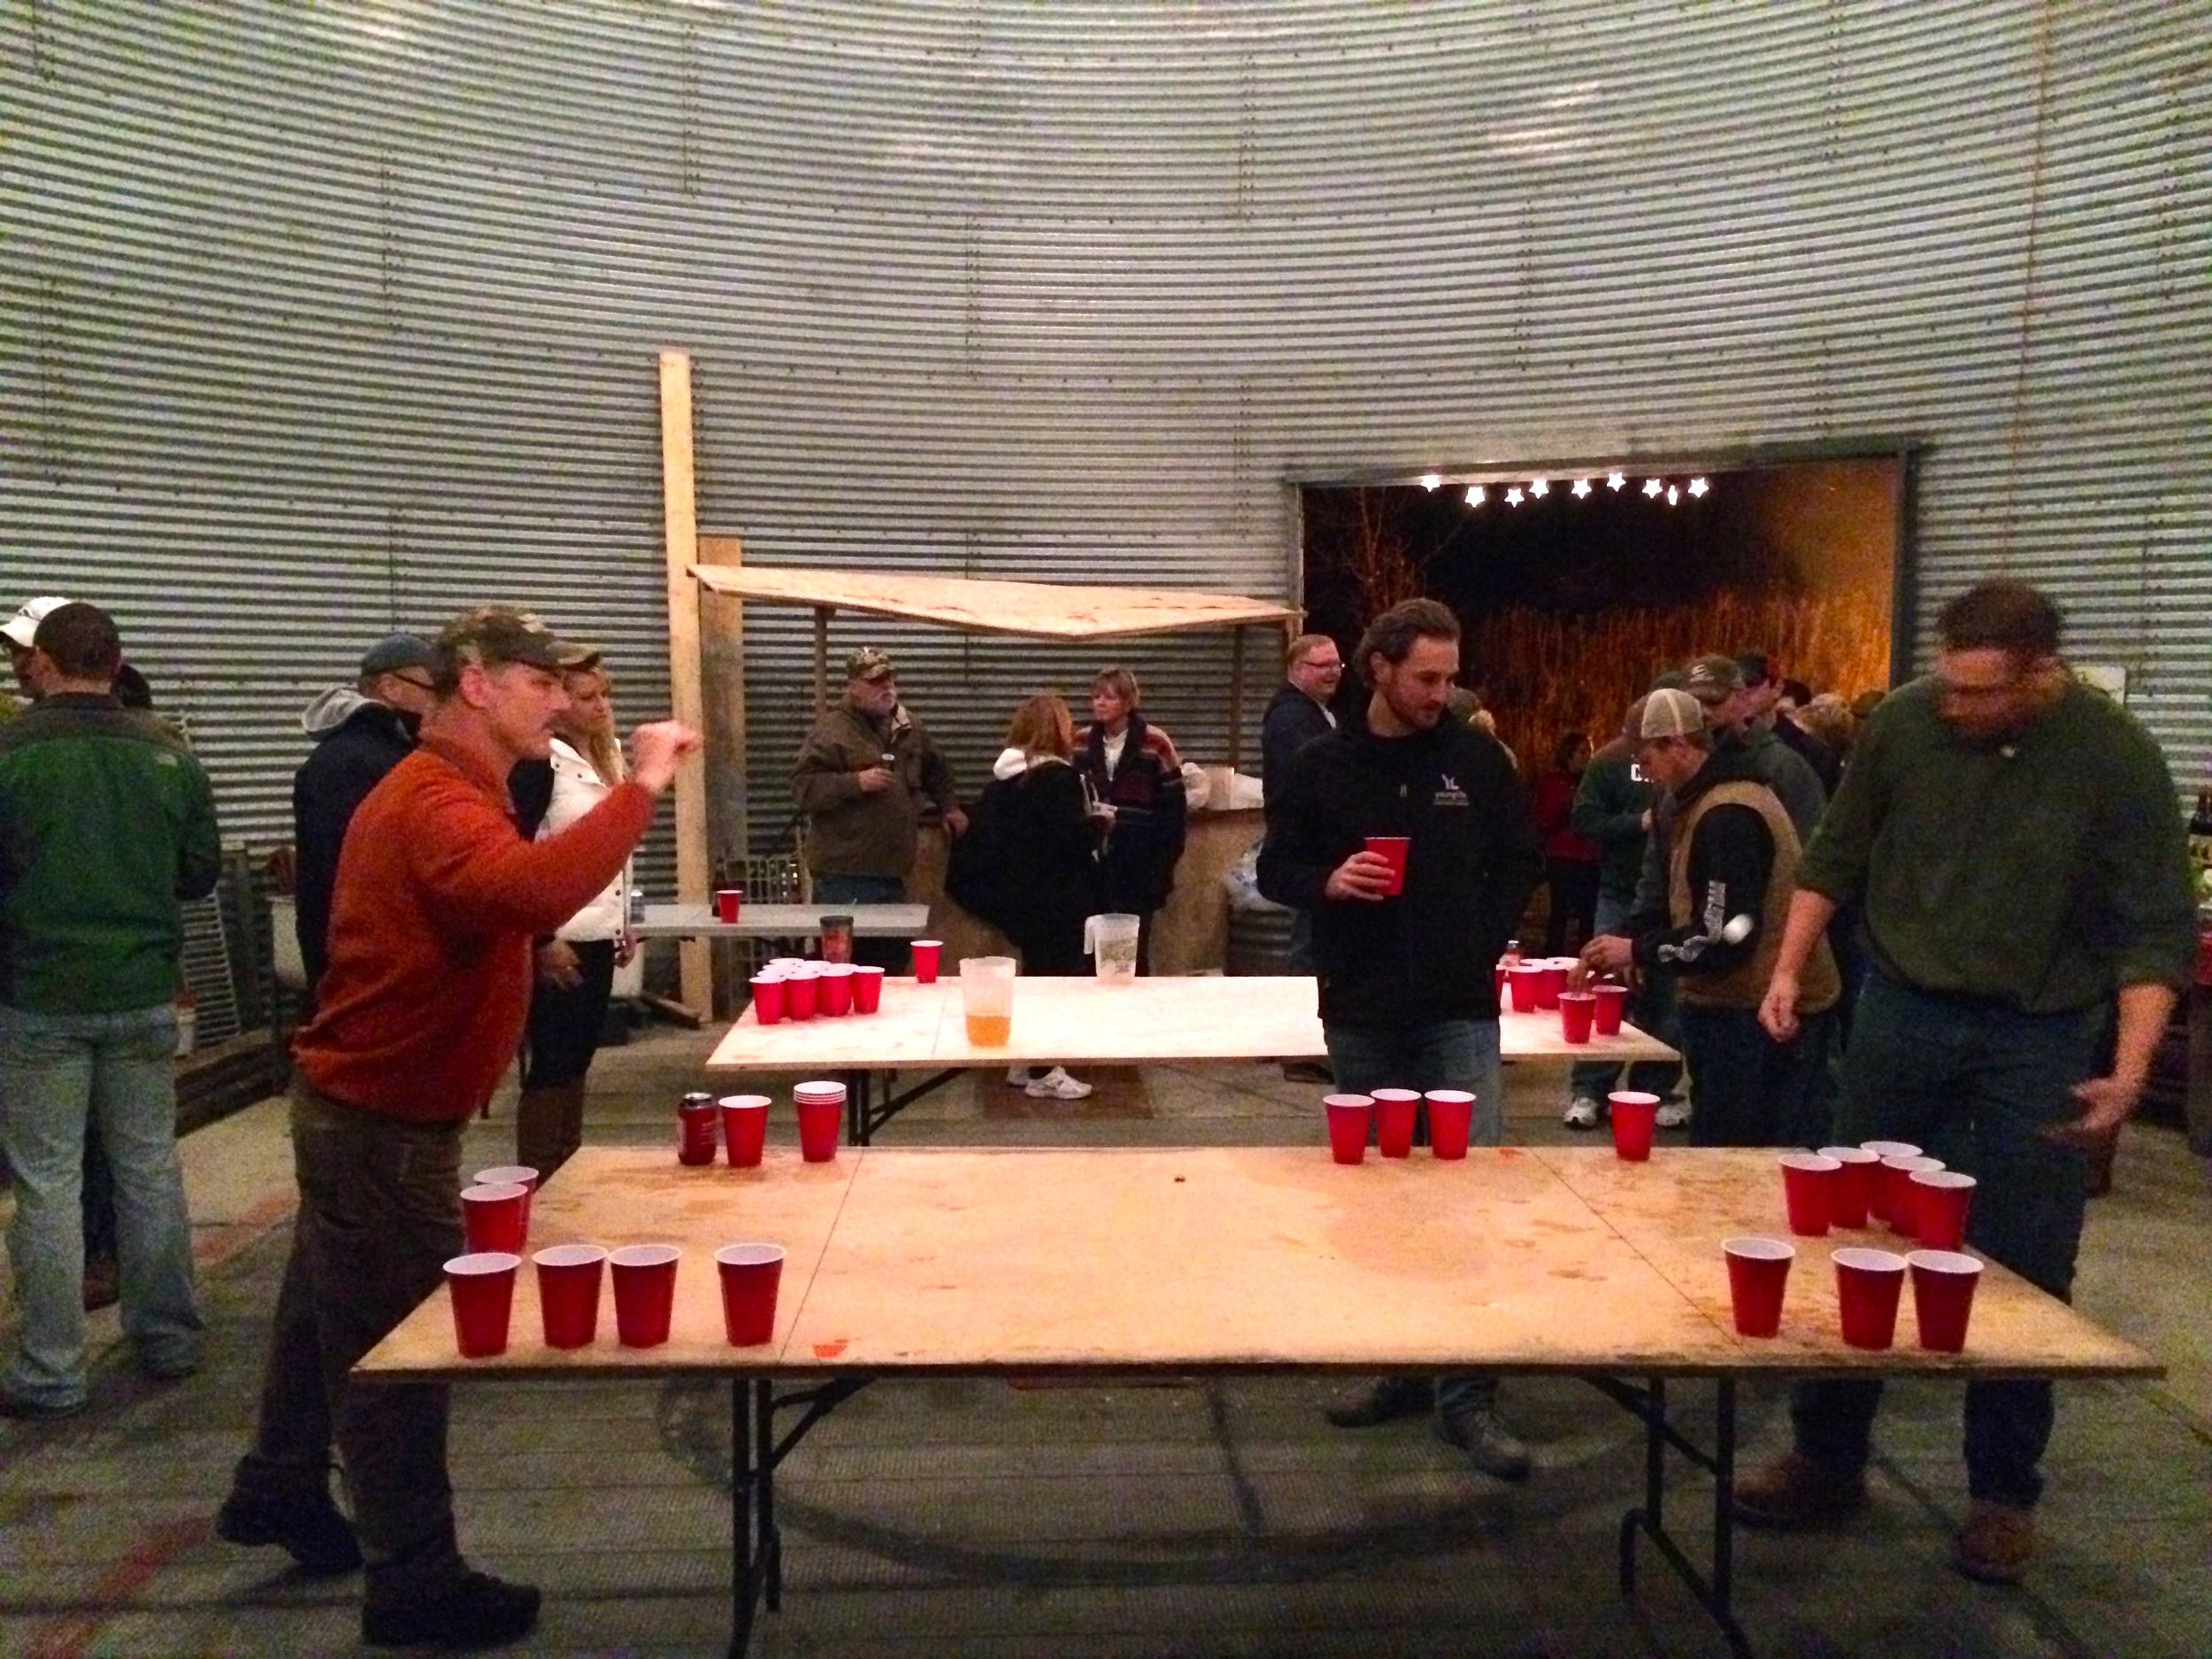 beer pong schoolcraft mi 1.JPG